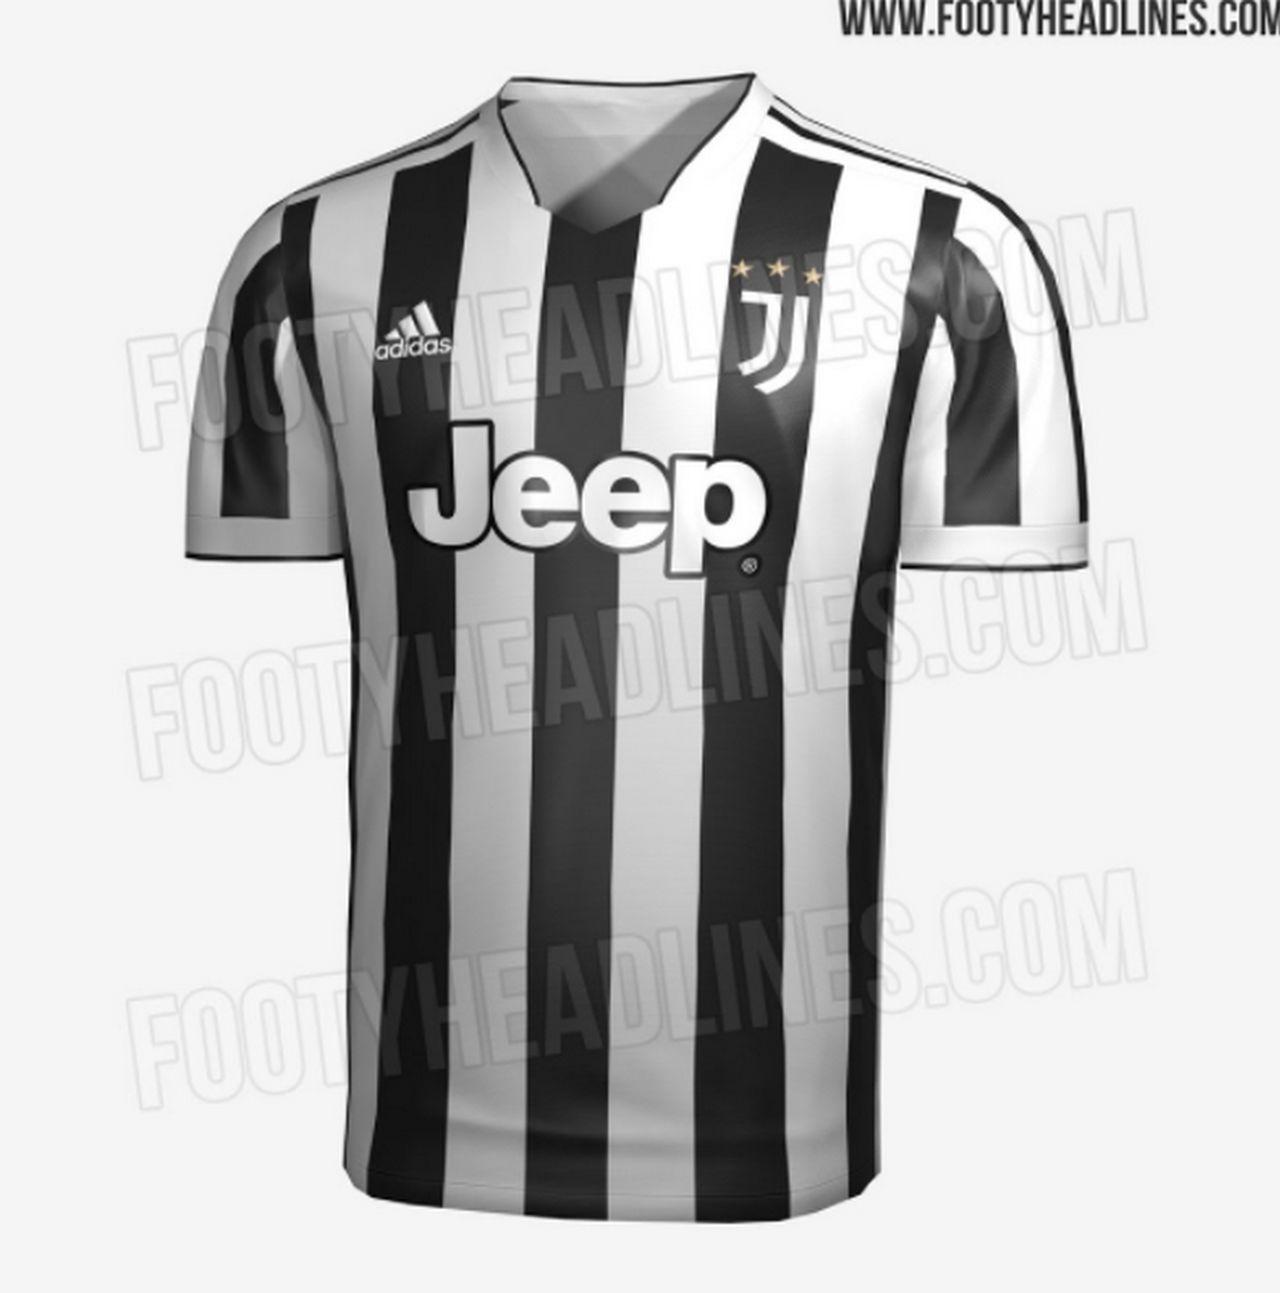 prima maglia juventus 2021-2022 new